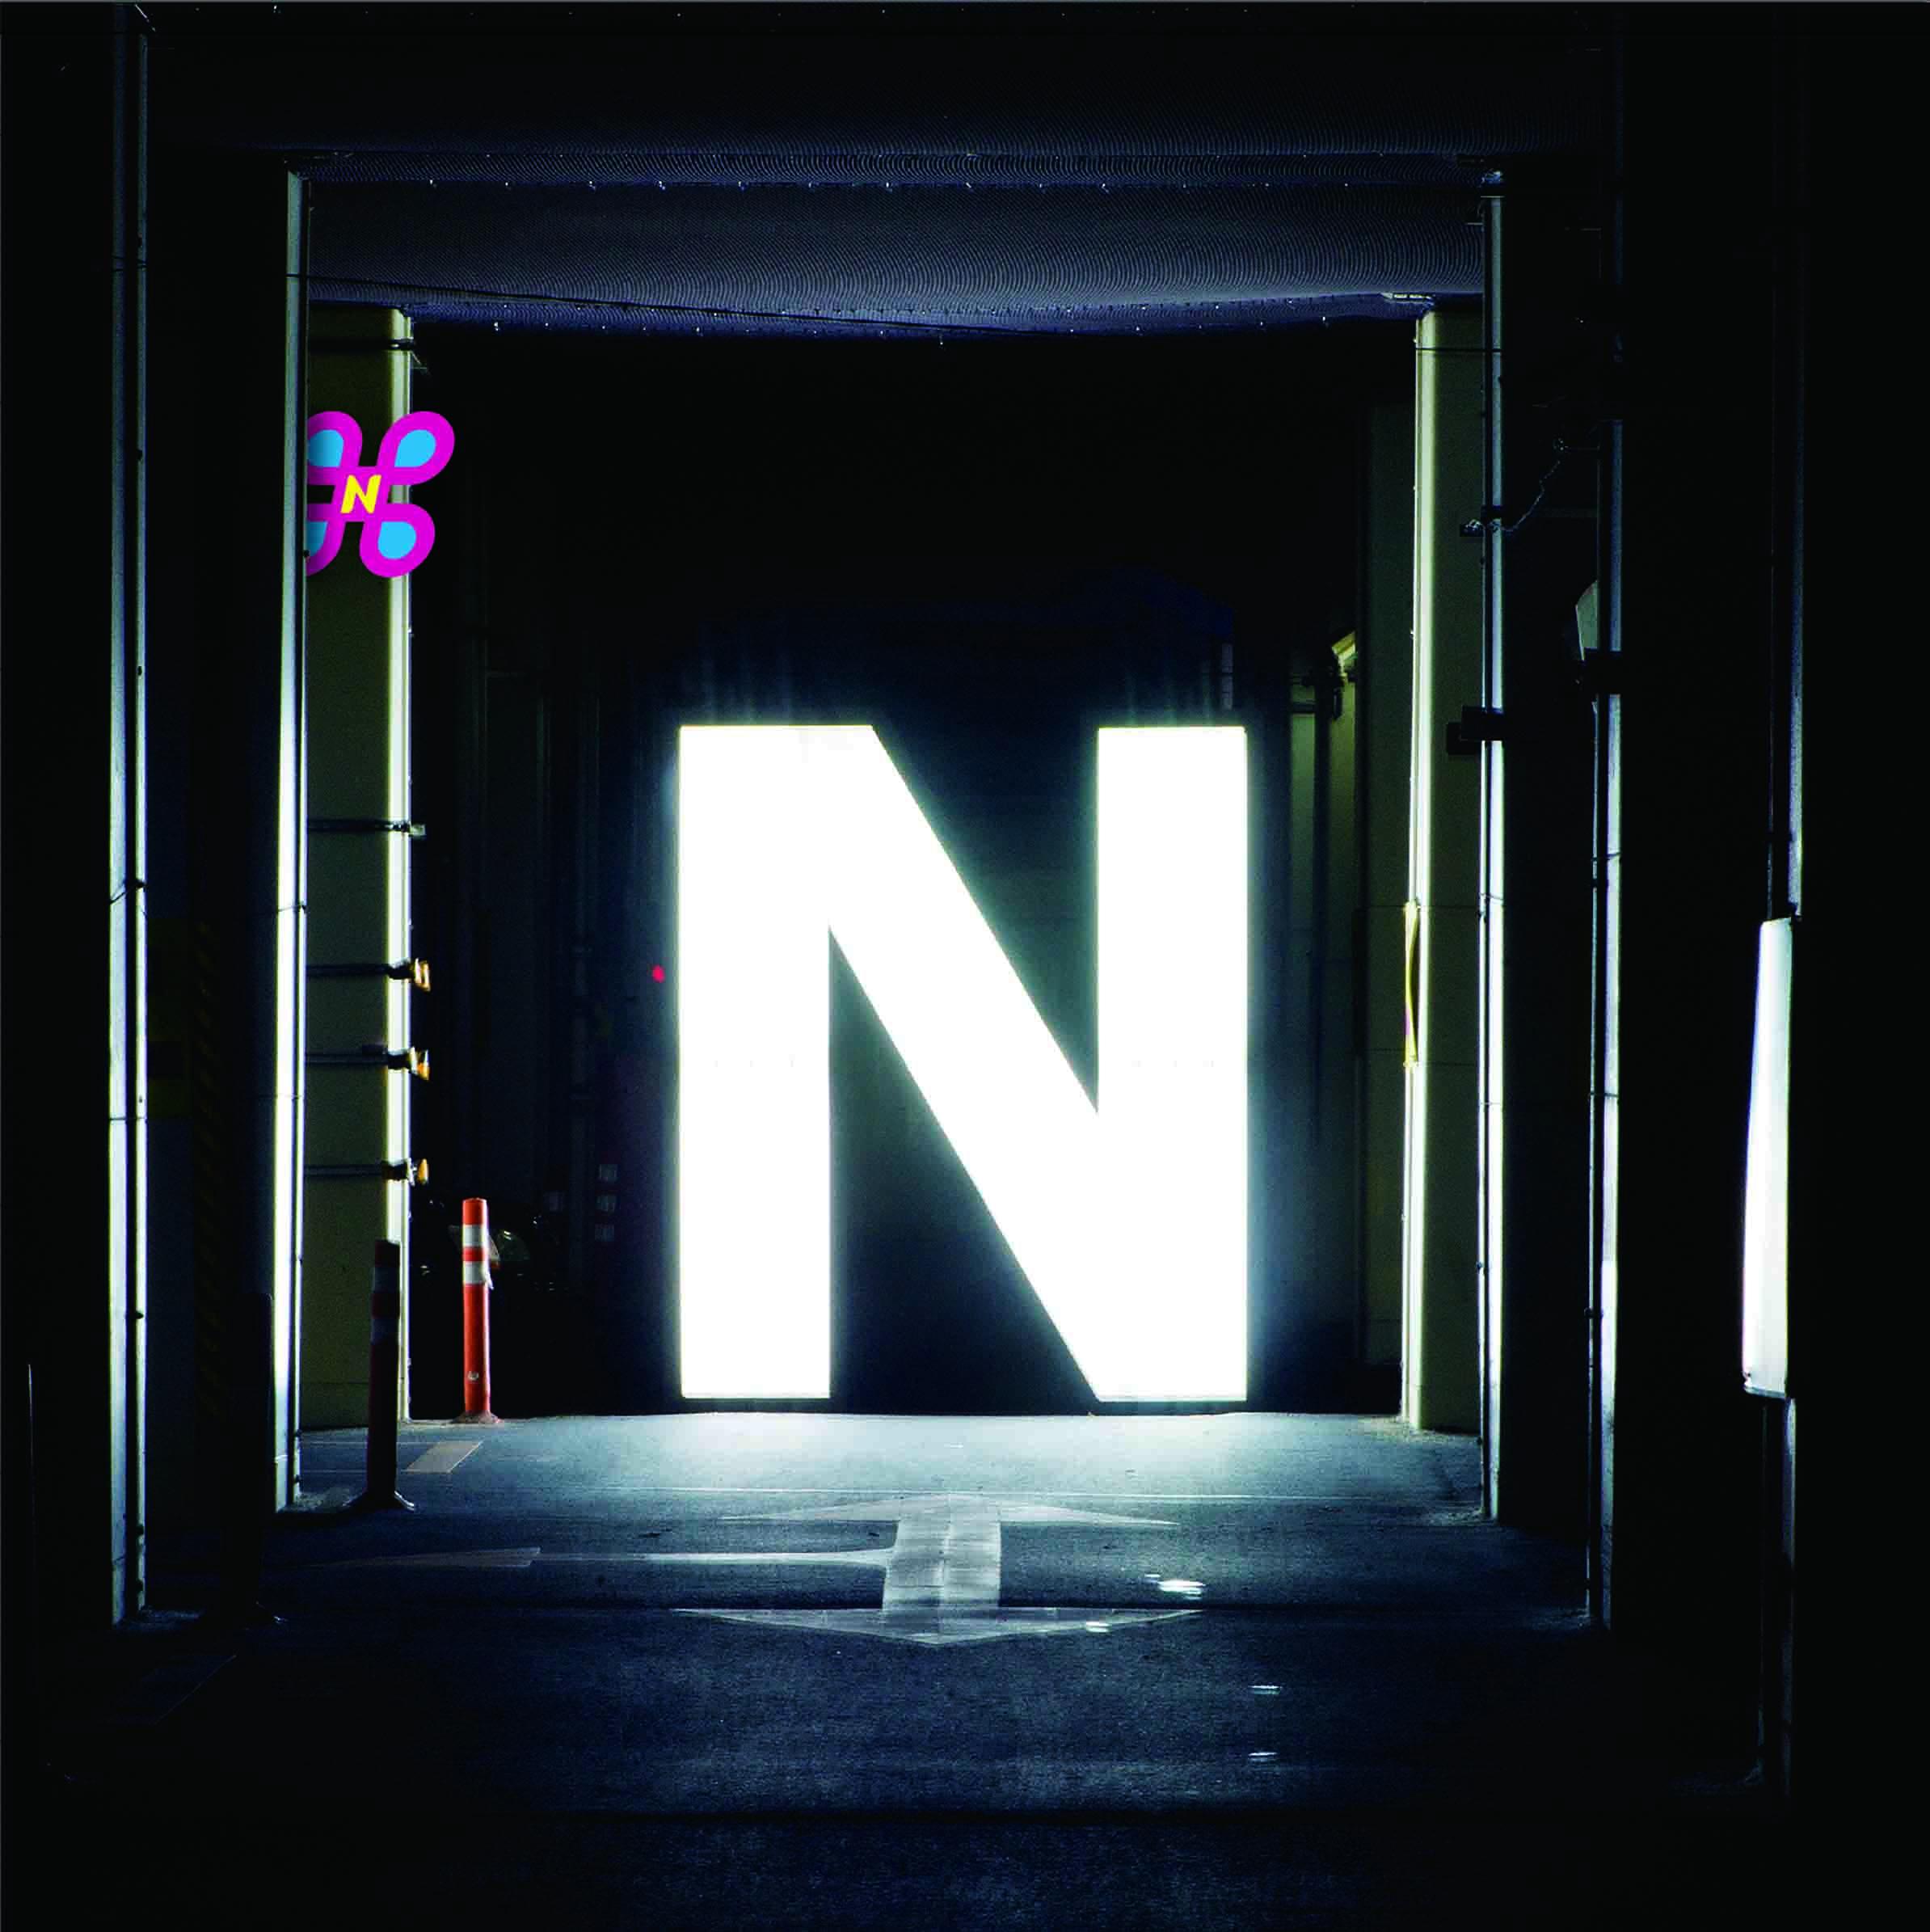 アーティストイニシアティブ・コマンドN 20周年企画展 「新しいページを開け!」 2,000人を越えるアーティストが表現したアートプロジェクトの東京論